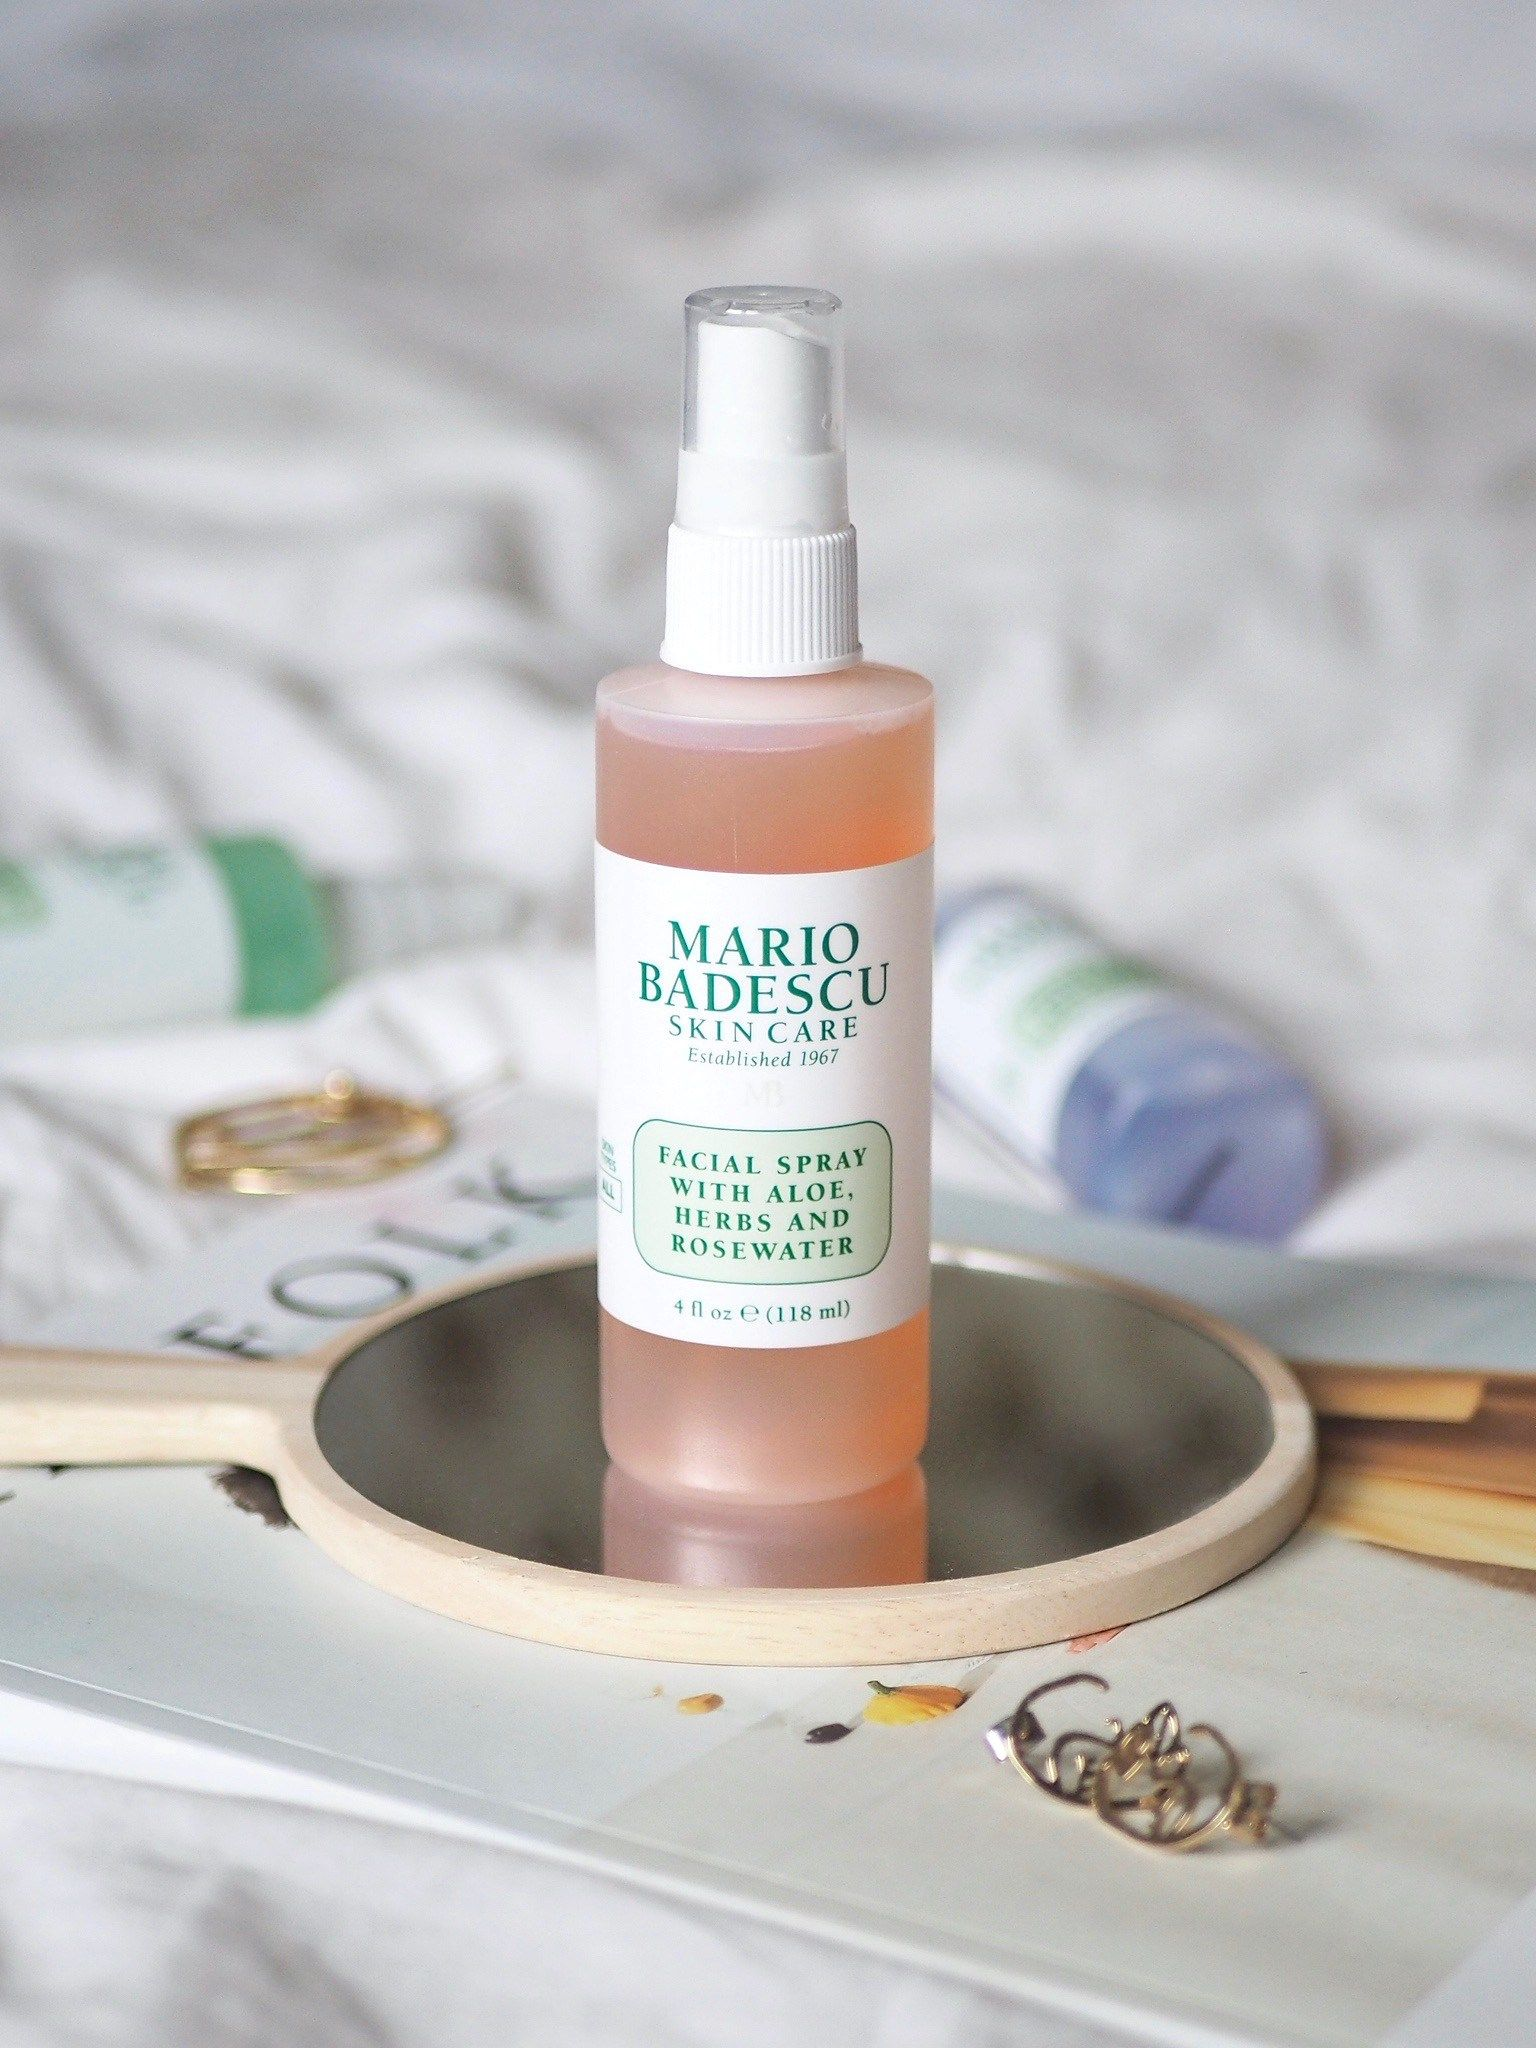 Mario Badescu Facial Spray Skin Care Natural Hair Mask